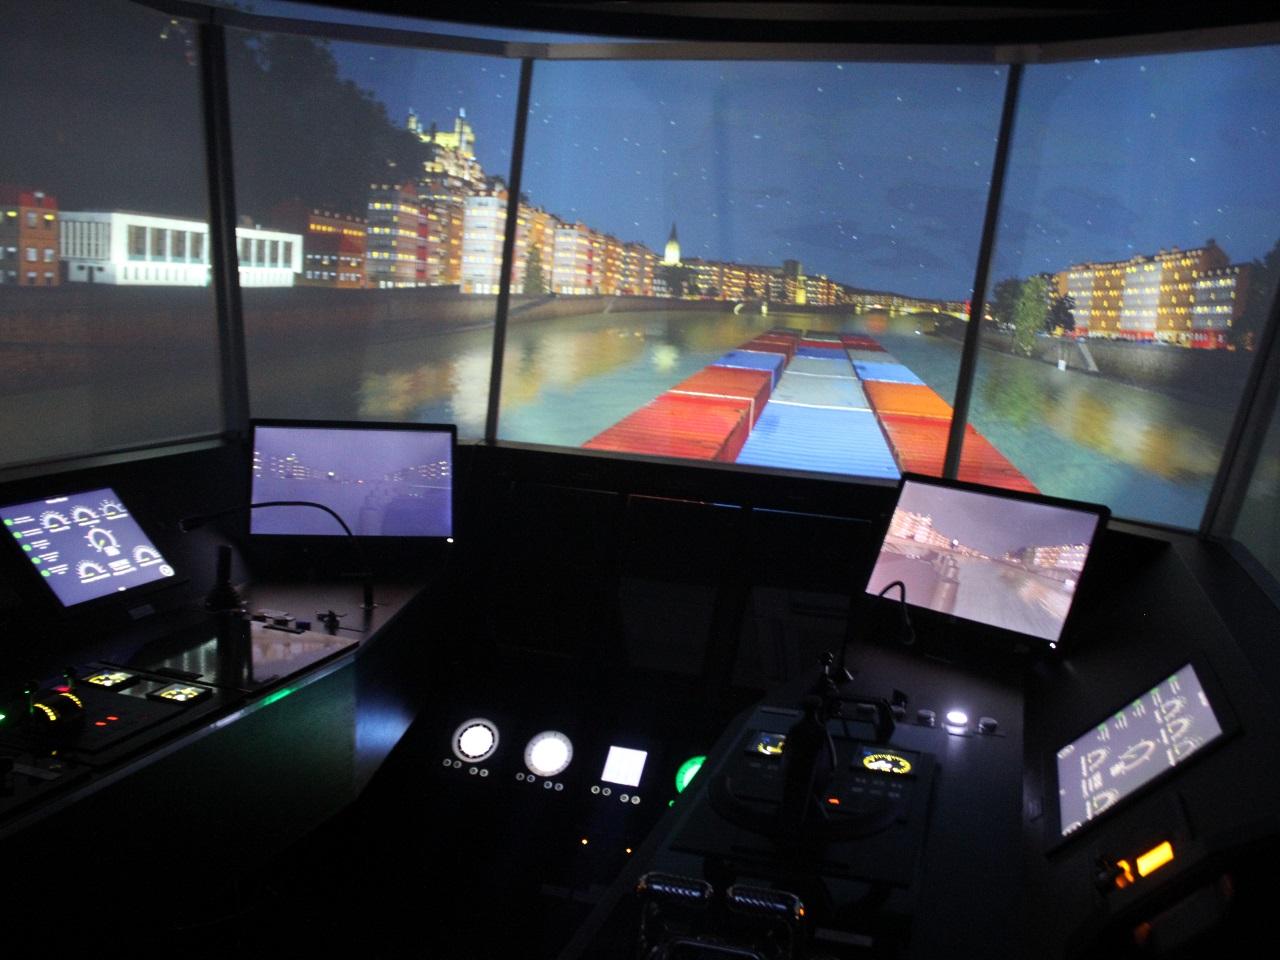 Le simulateur comprend une vision à 240° - LyonMag